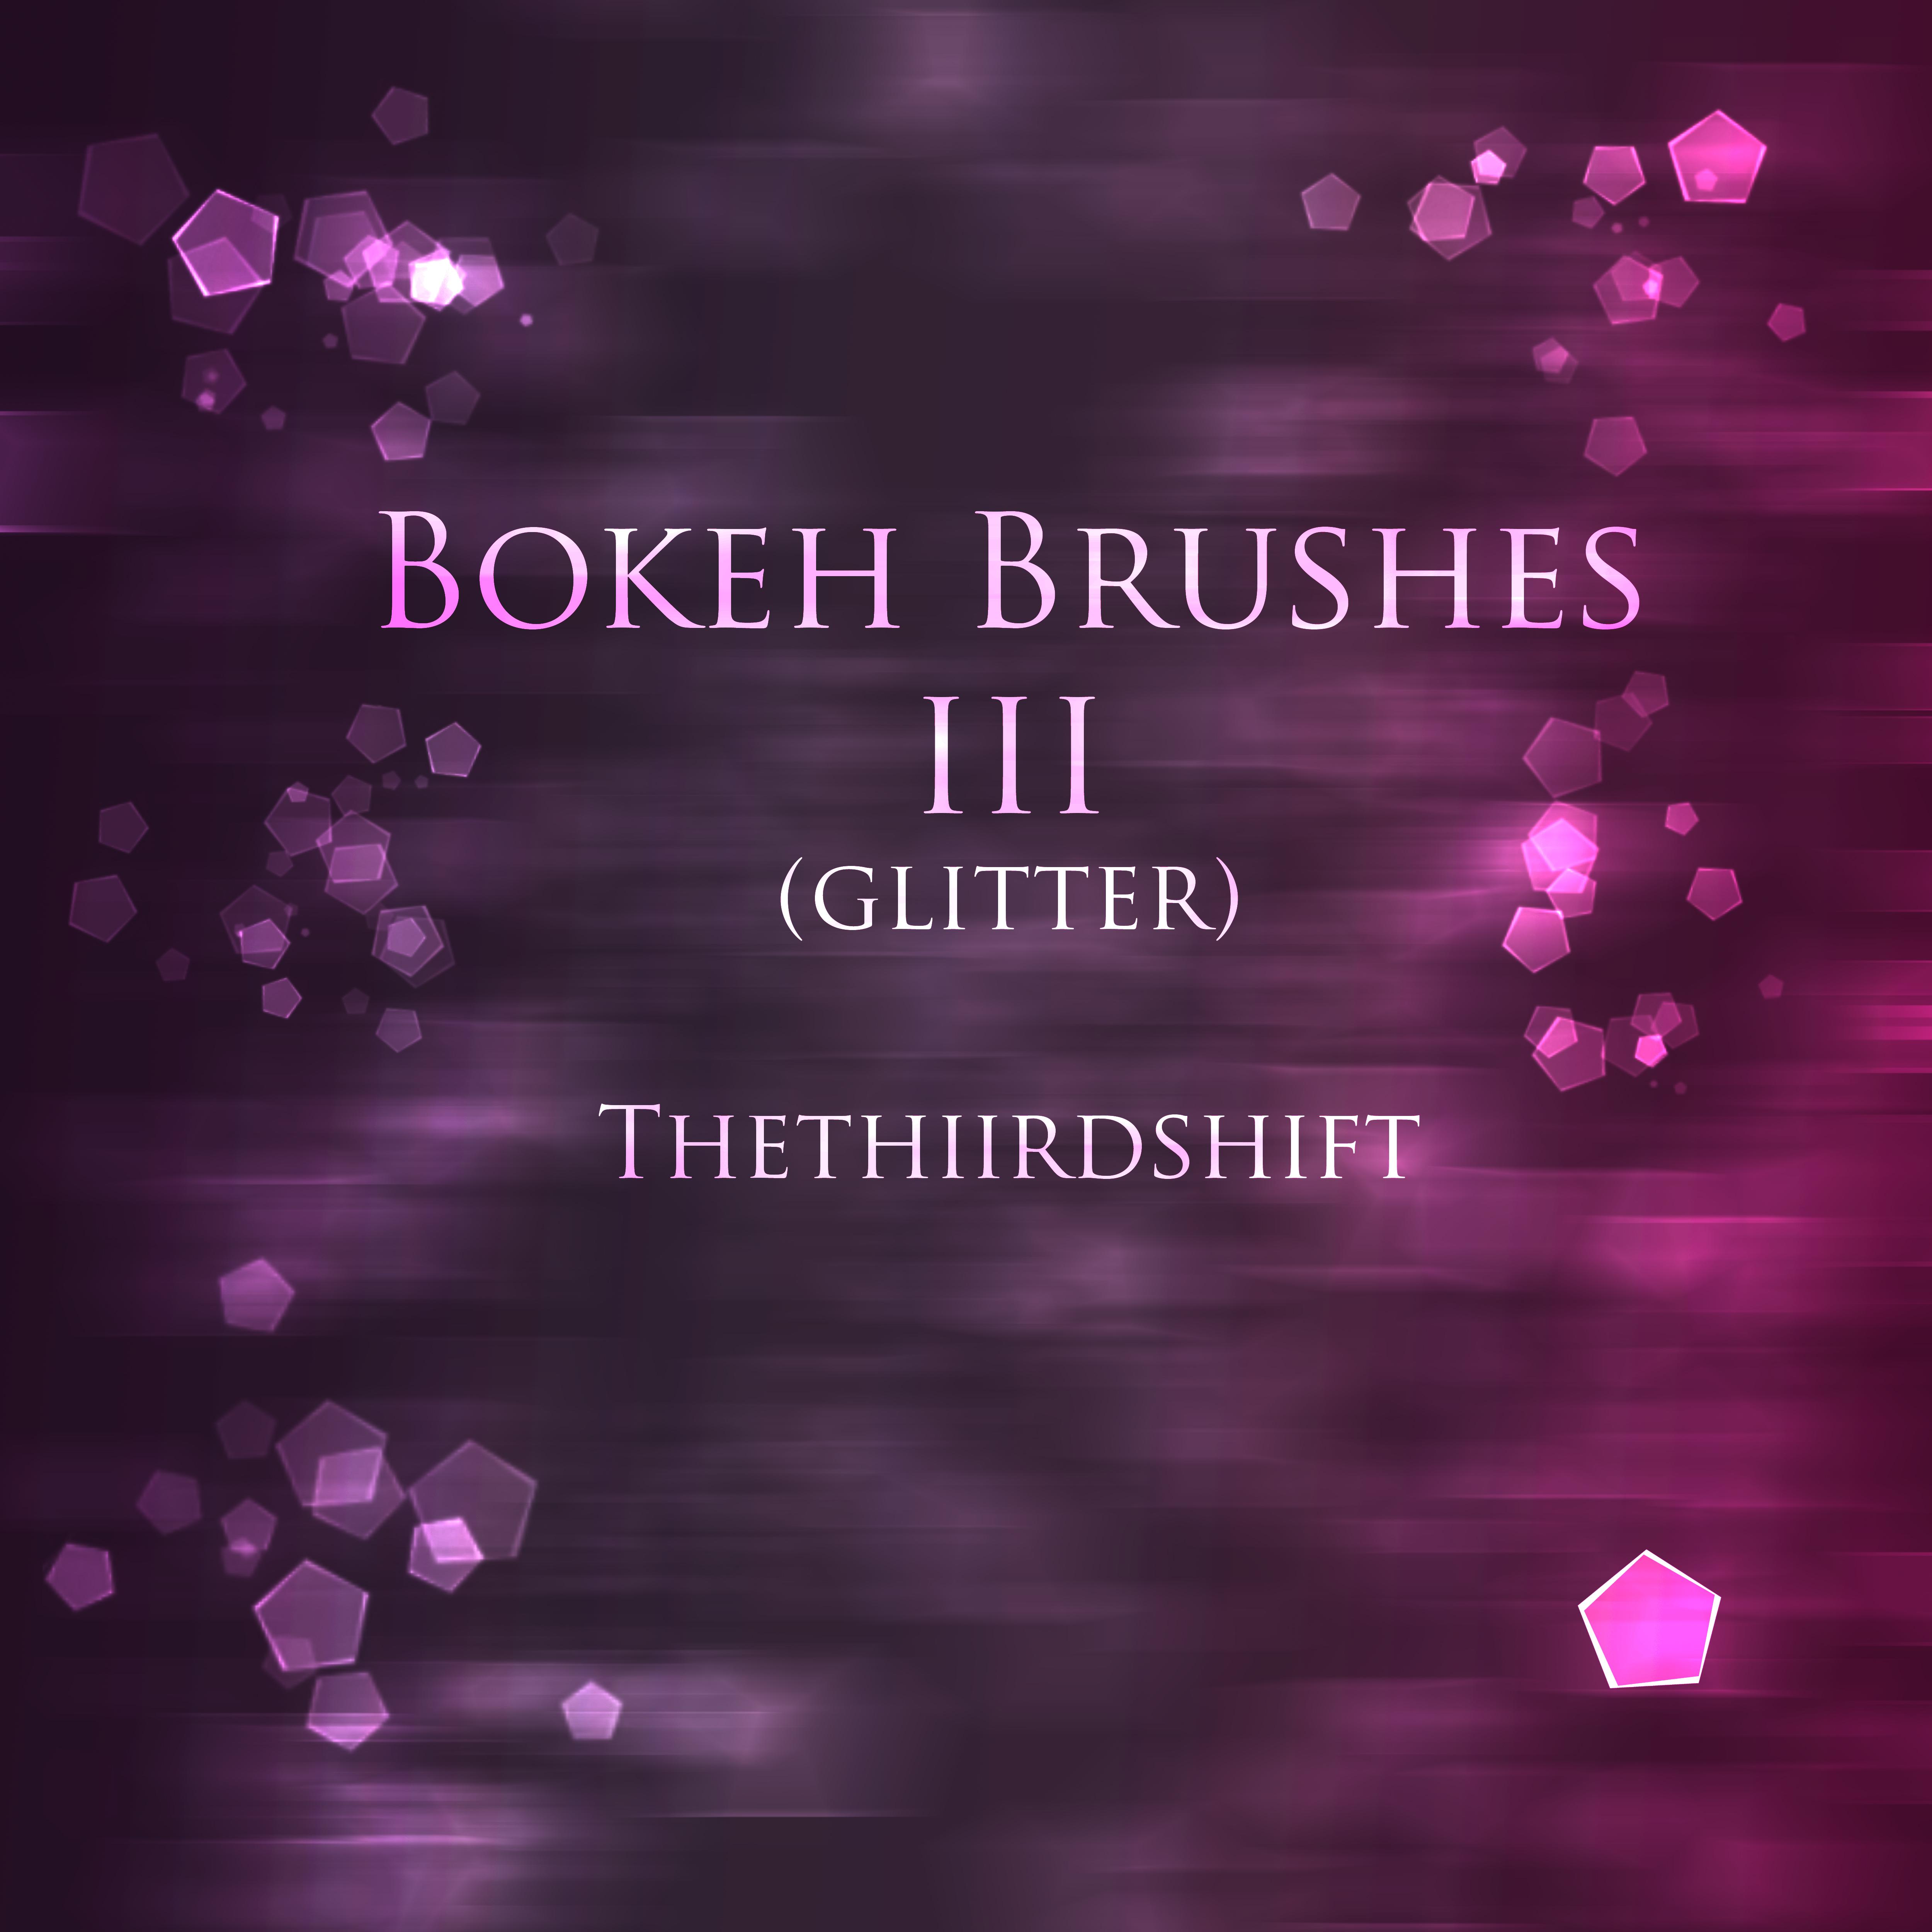 Bokeh Brushes III